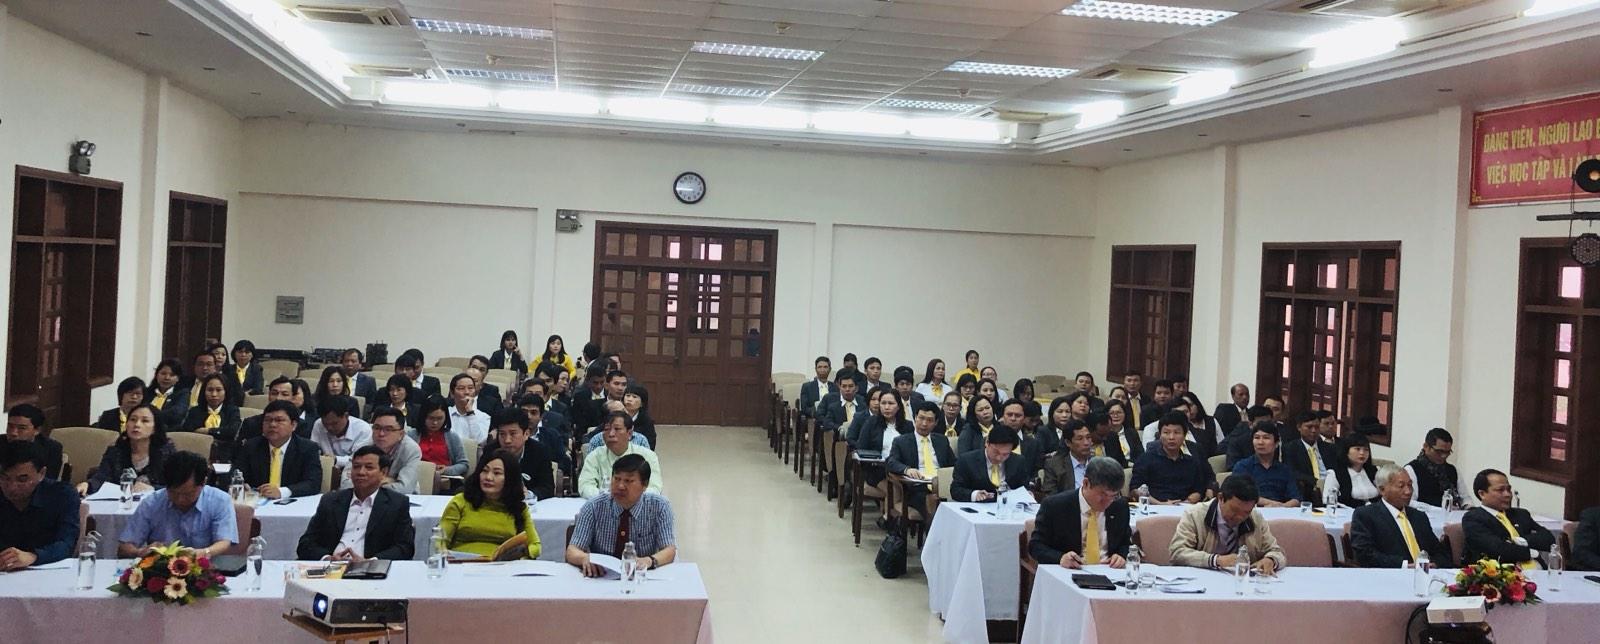 Quang cảnh Hội nghị Triển khai kế hoạch năm 2020 Bưu điện tỉnh Thừa Thiên Huế